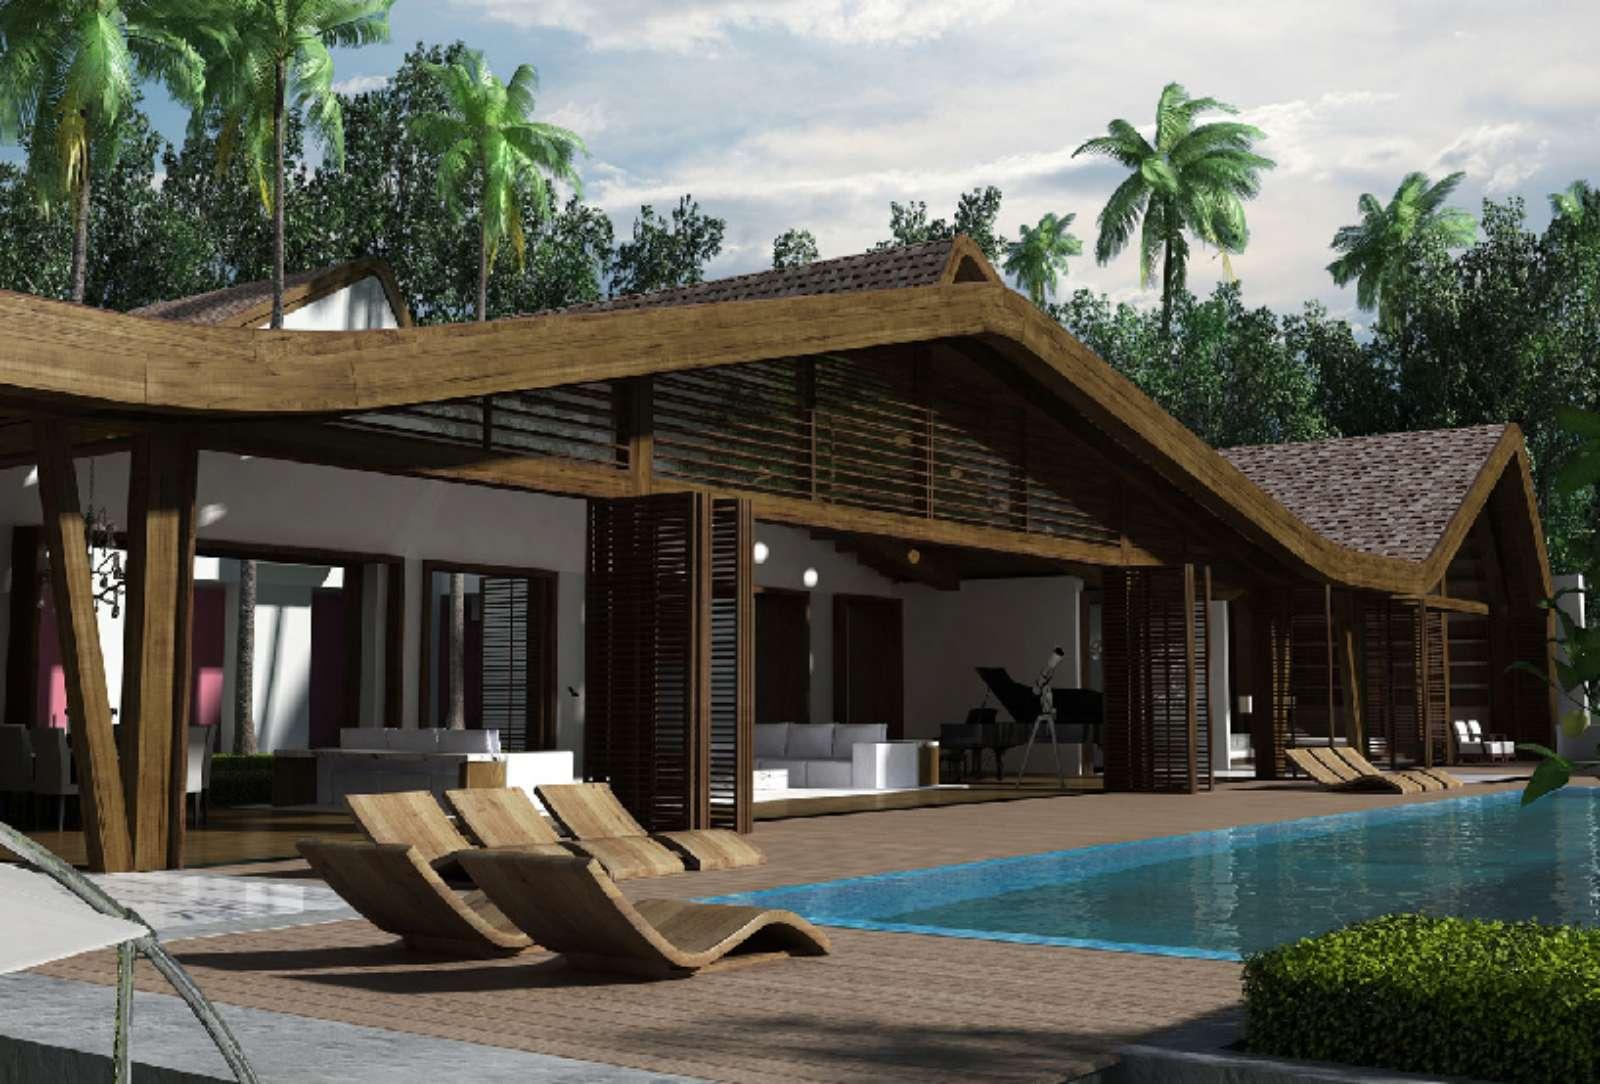 Бунгало - это одноэтажный домик: типы, описание, интерьер :: syl.ru